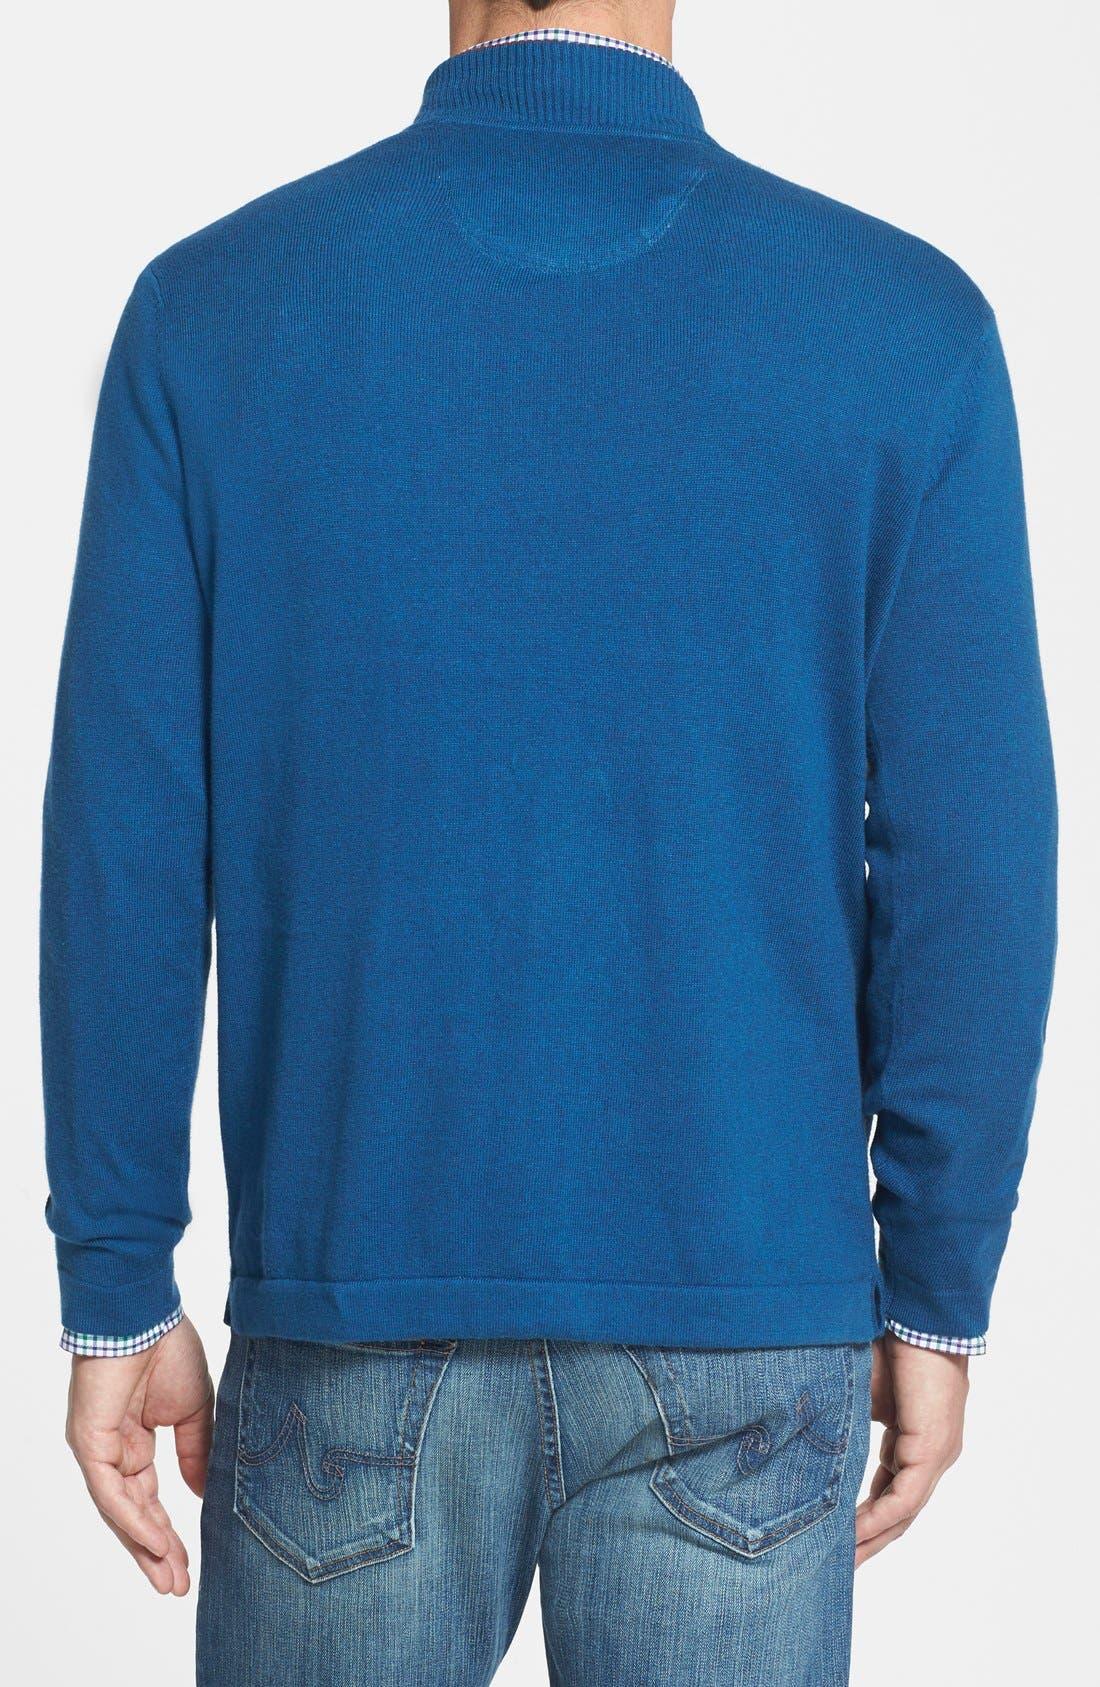 Alternate Image 2  - Tommy Bahama 'Island Luxe' Half Zip Sweatshirt